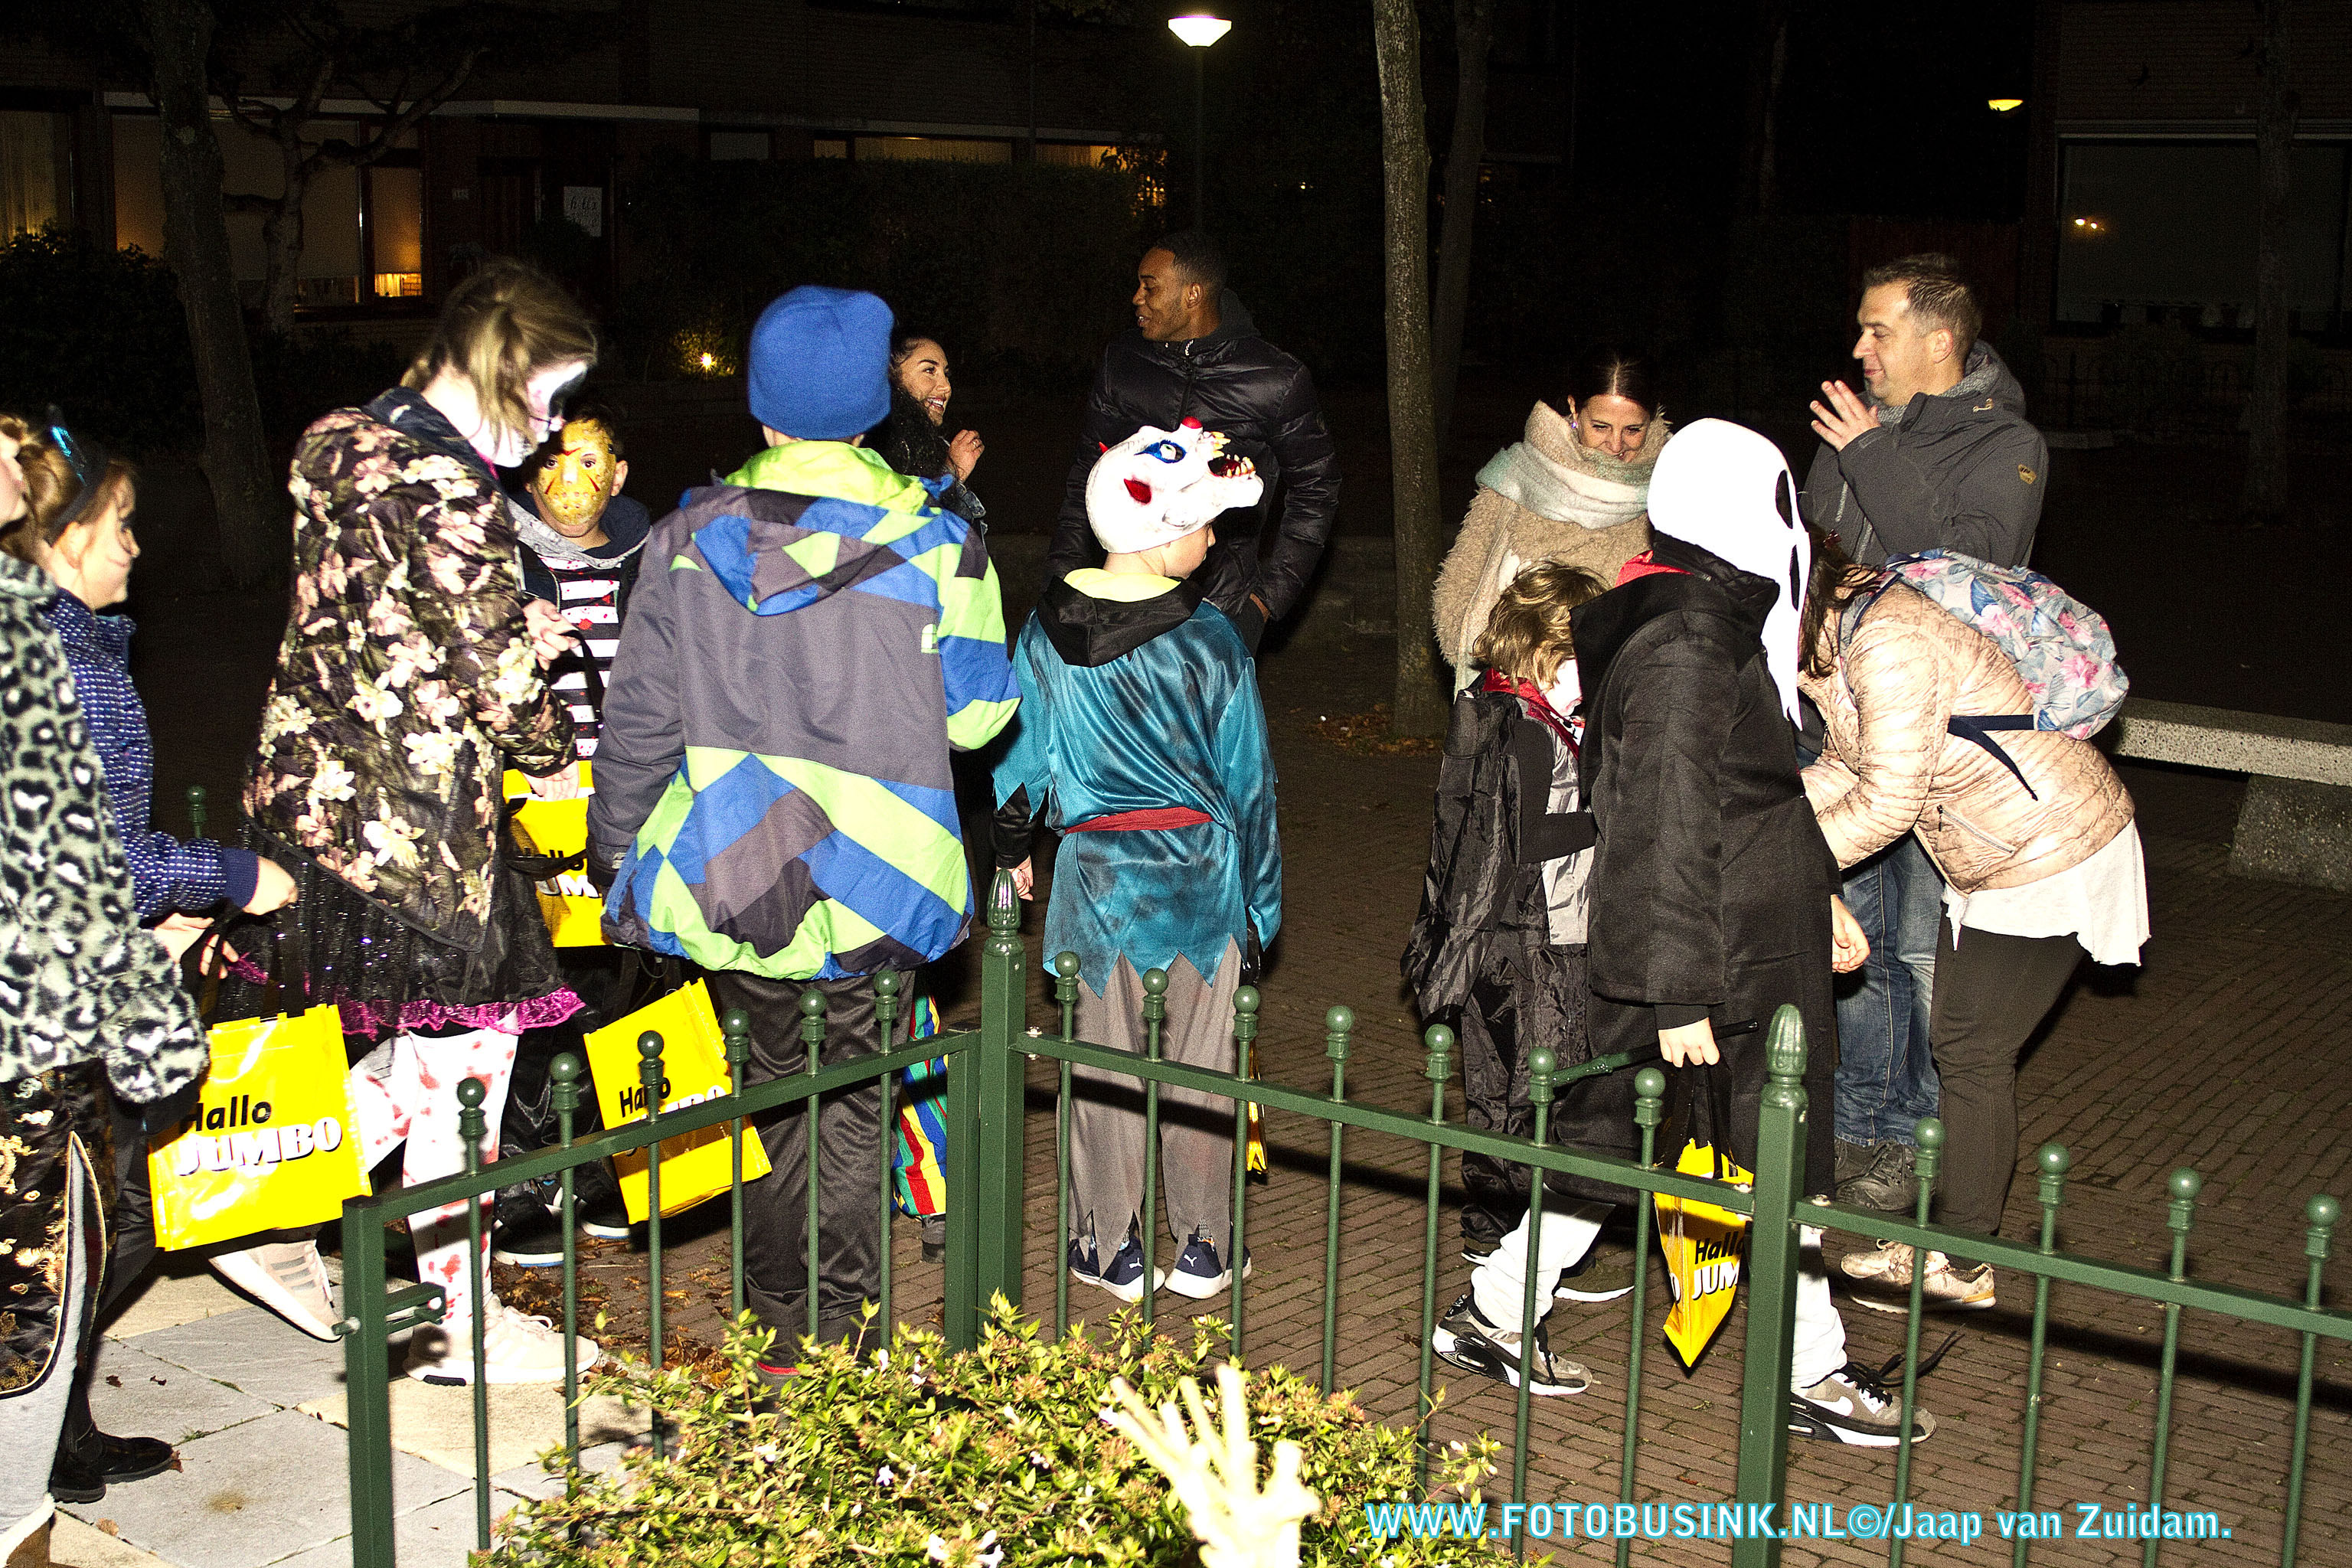 Halloweentocht in Sterrenburg een groot succes.